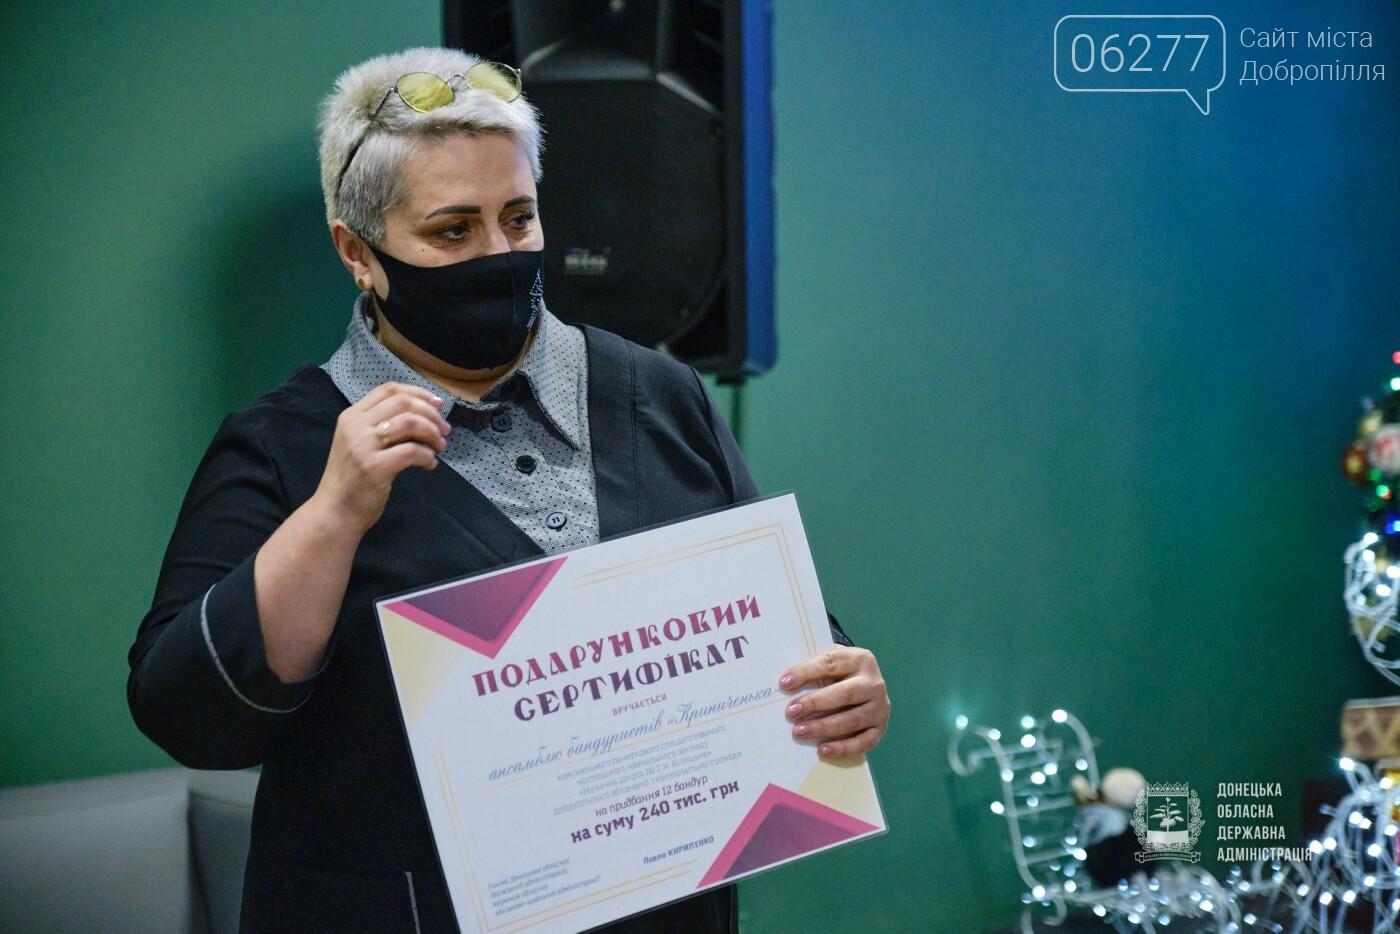 Білицька музична школа отримала сертифікат на 240 тис.грн. від губернатора, фото-1